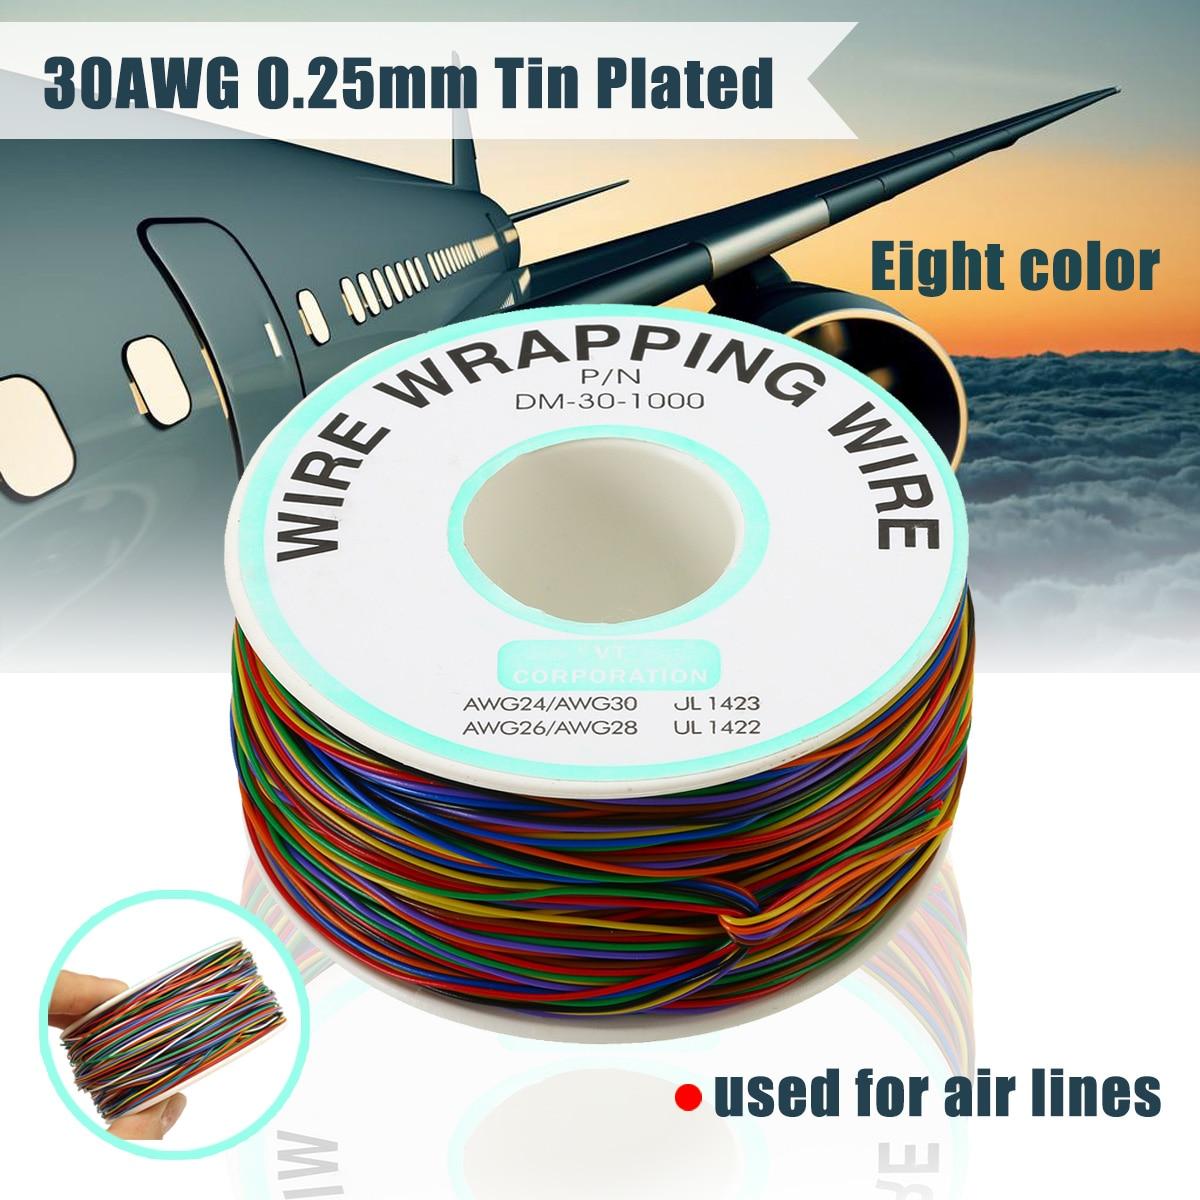 1 рулон упаковочной проволоки 30AWG 0,25 мм Оловянно-покрытый медный провод, изоляционный соединительный кабель, 8 цветов, электрическая проводк...